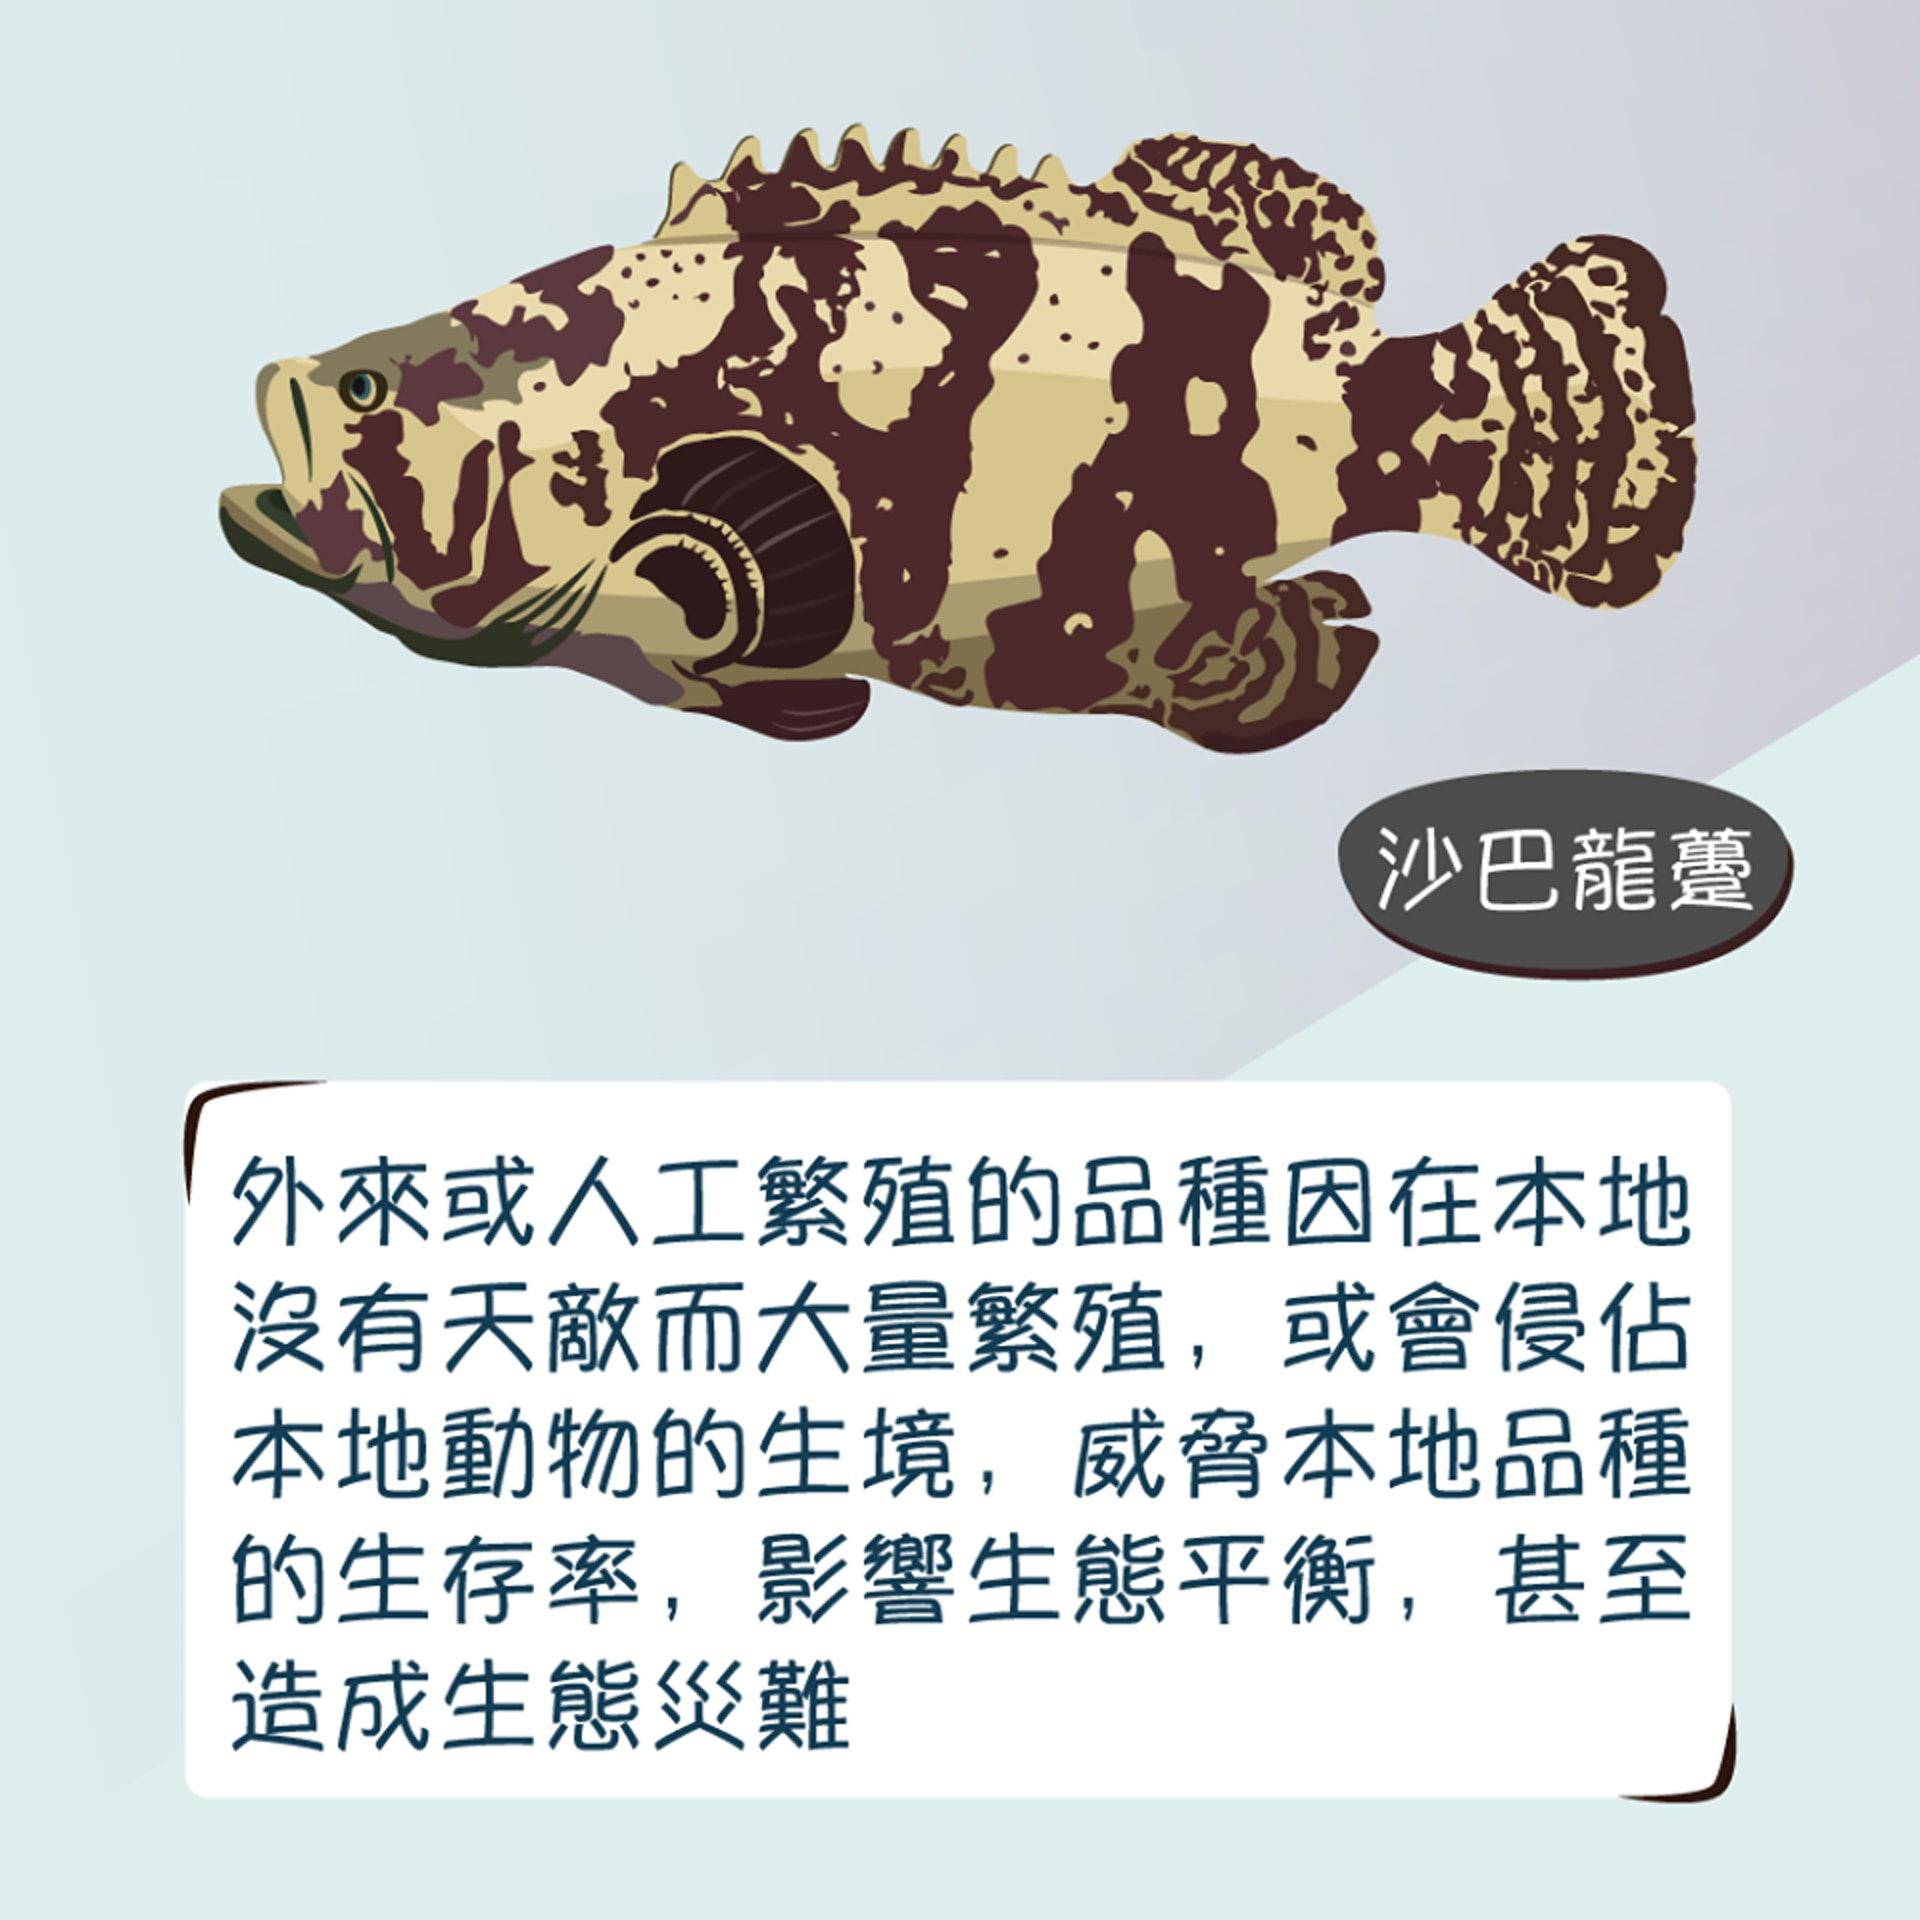 被放生的動物會因未能適應環境、疾病而死亡。(漁農自然護理署圖片)